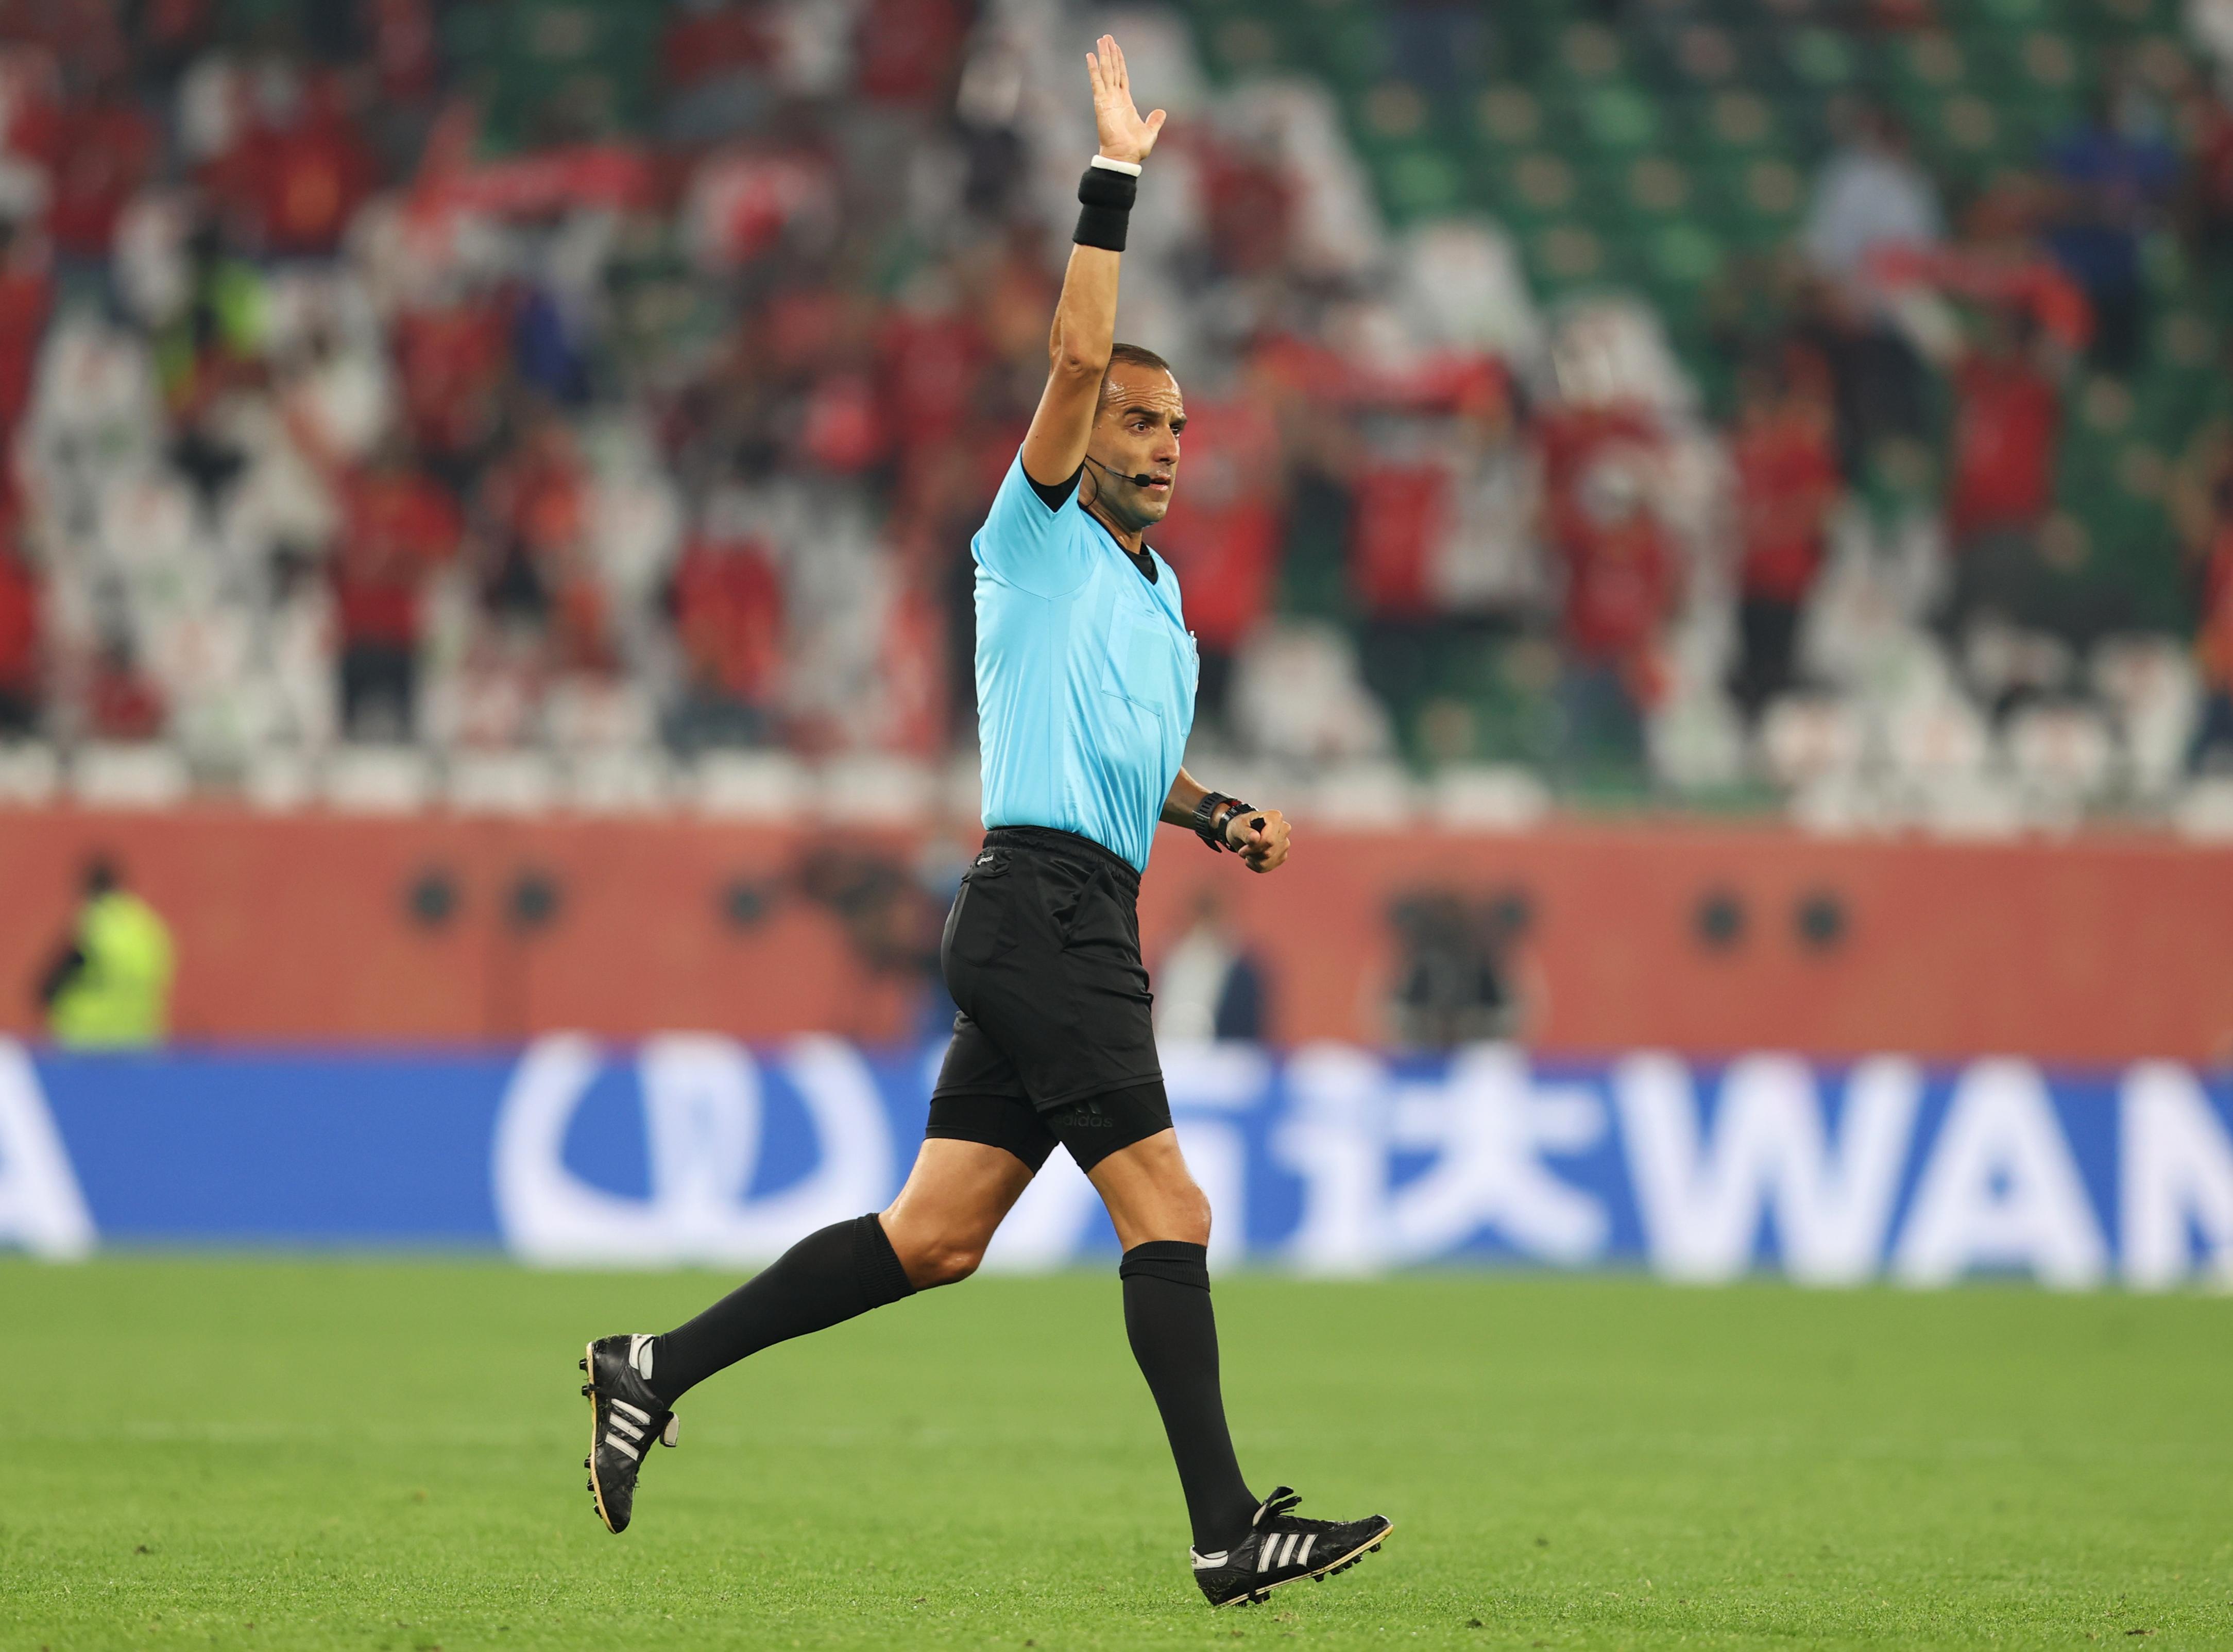 Esteban Ostojich anula el gol de Joshua Kimmich. Estadio Ciudad de la Educación en Rayán, Catar.